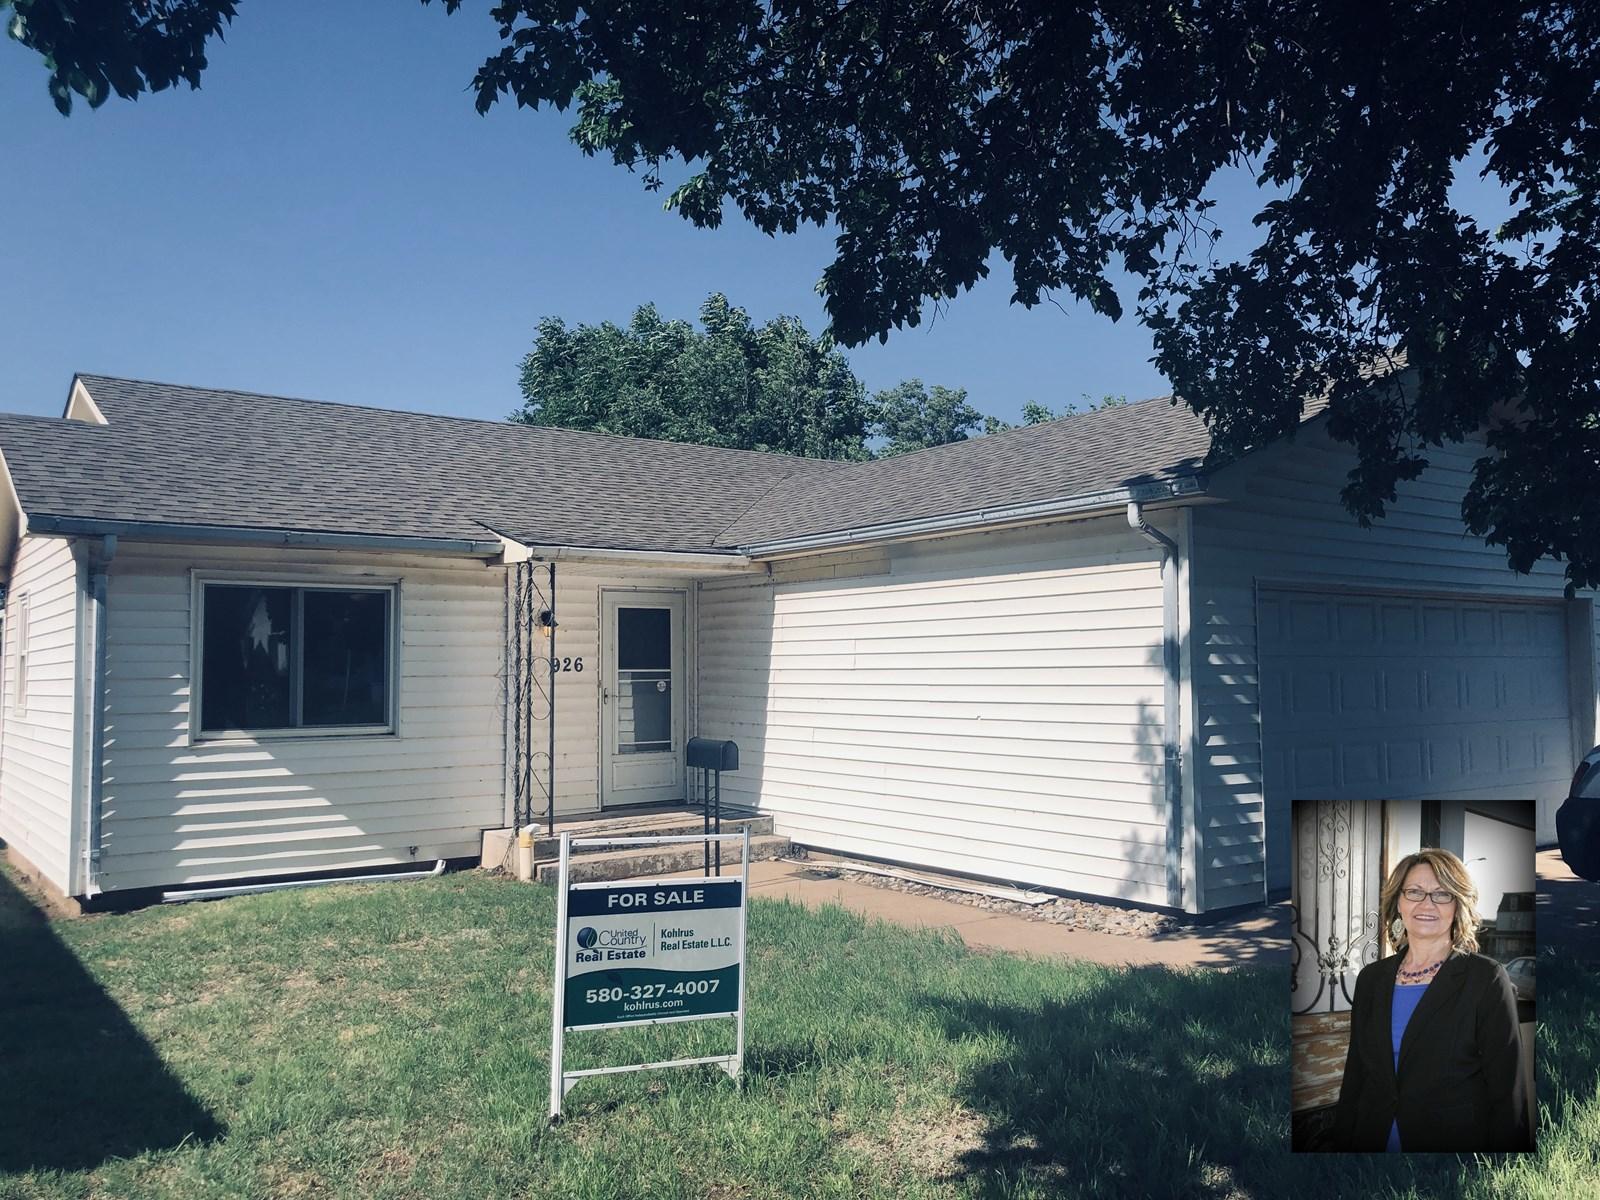 Move In Ready Home For Sale In Alva, OK